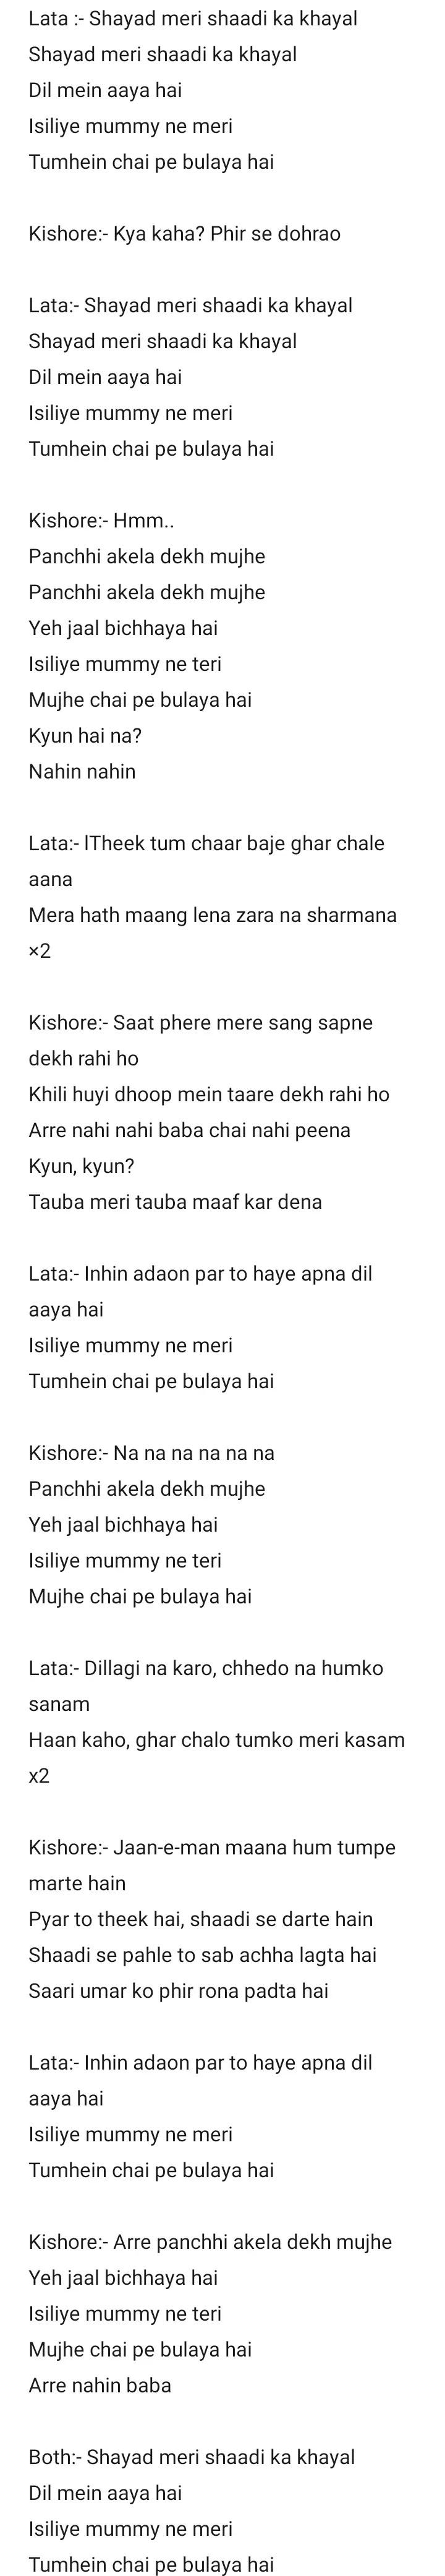 Shayad meri shaadi ka khayal lyrics - kishore kumar lata mangeshkar | souten